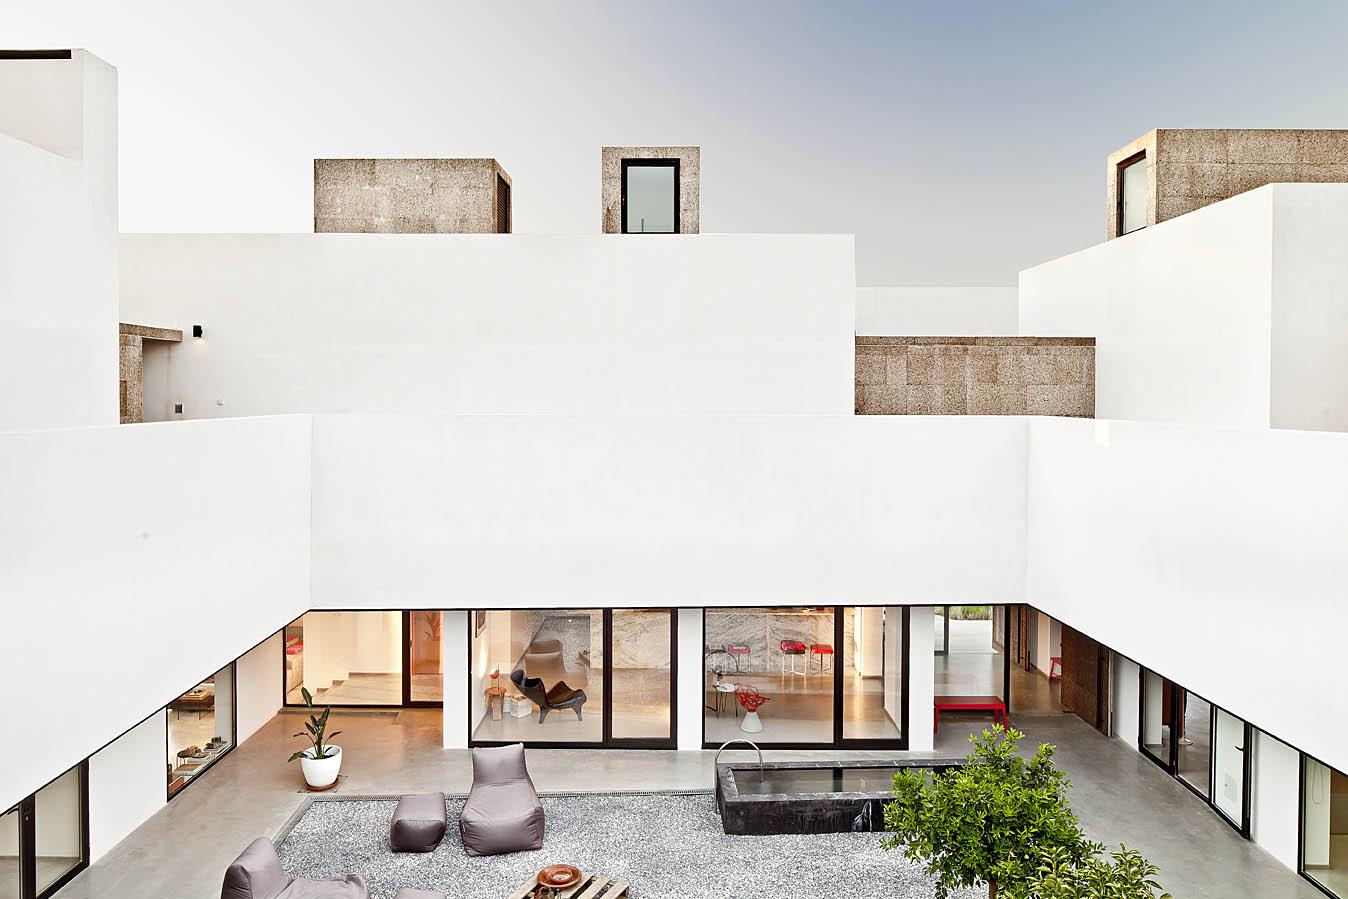 Hotel Villa Extramuros / Vora Arquitectura, © Adrià Goula